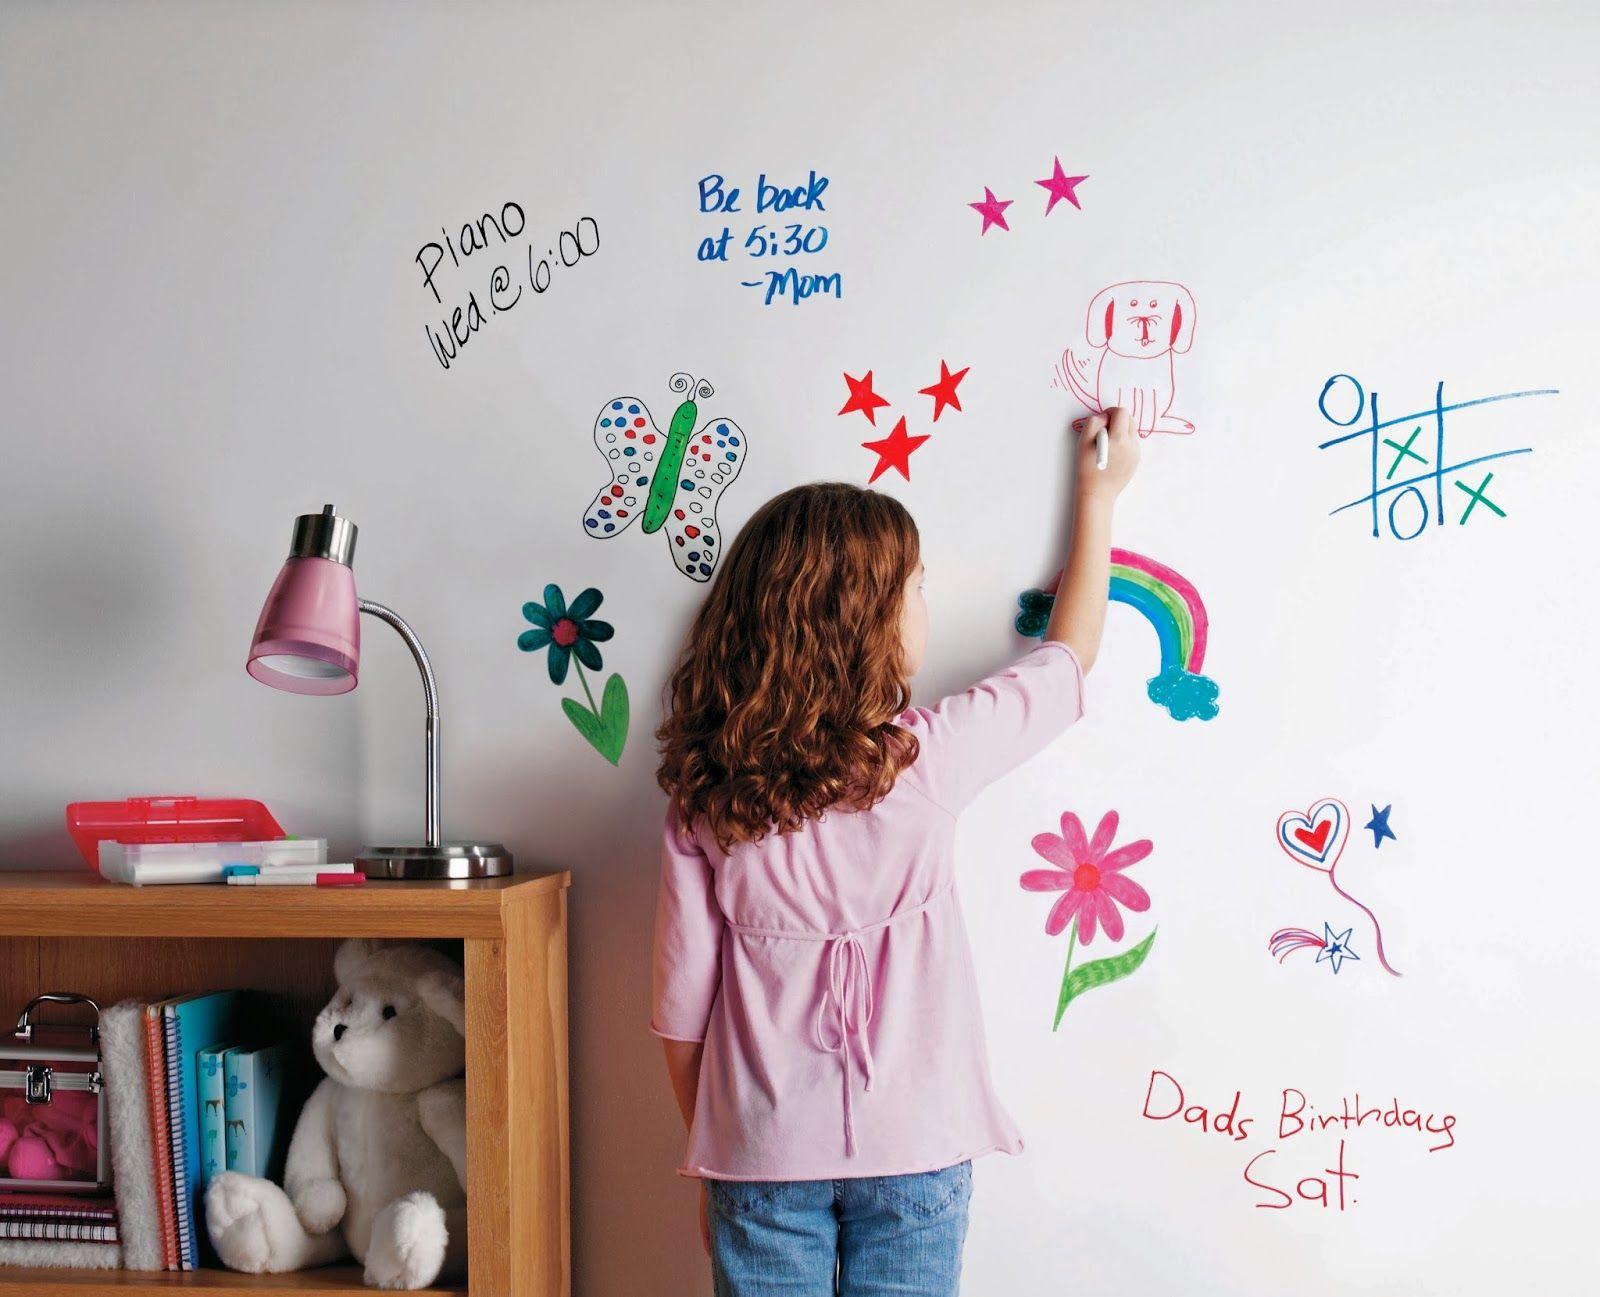 Маркерная краска для стен: необъятный простор для творчества и 65+ лучших вариантов исполнения http://happymodern.ru/markernaya-kraska-dlya-sten-foto/ Окрасив стены или мебель маркерной краской, вы сможете рисовать на них как на маркерной доске